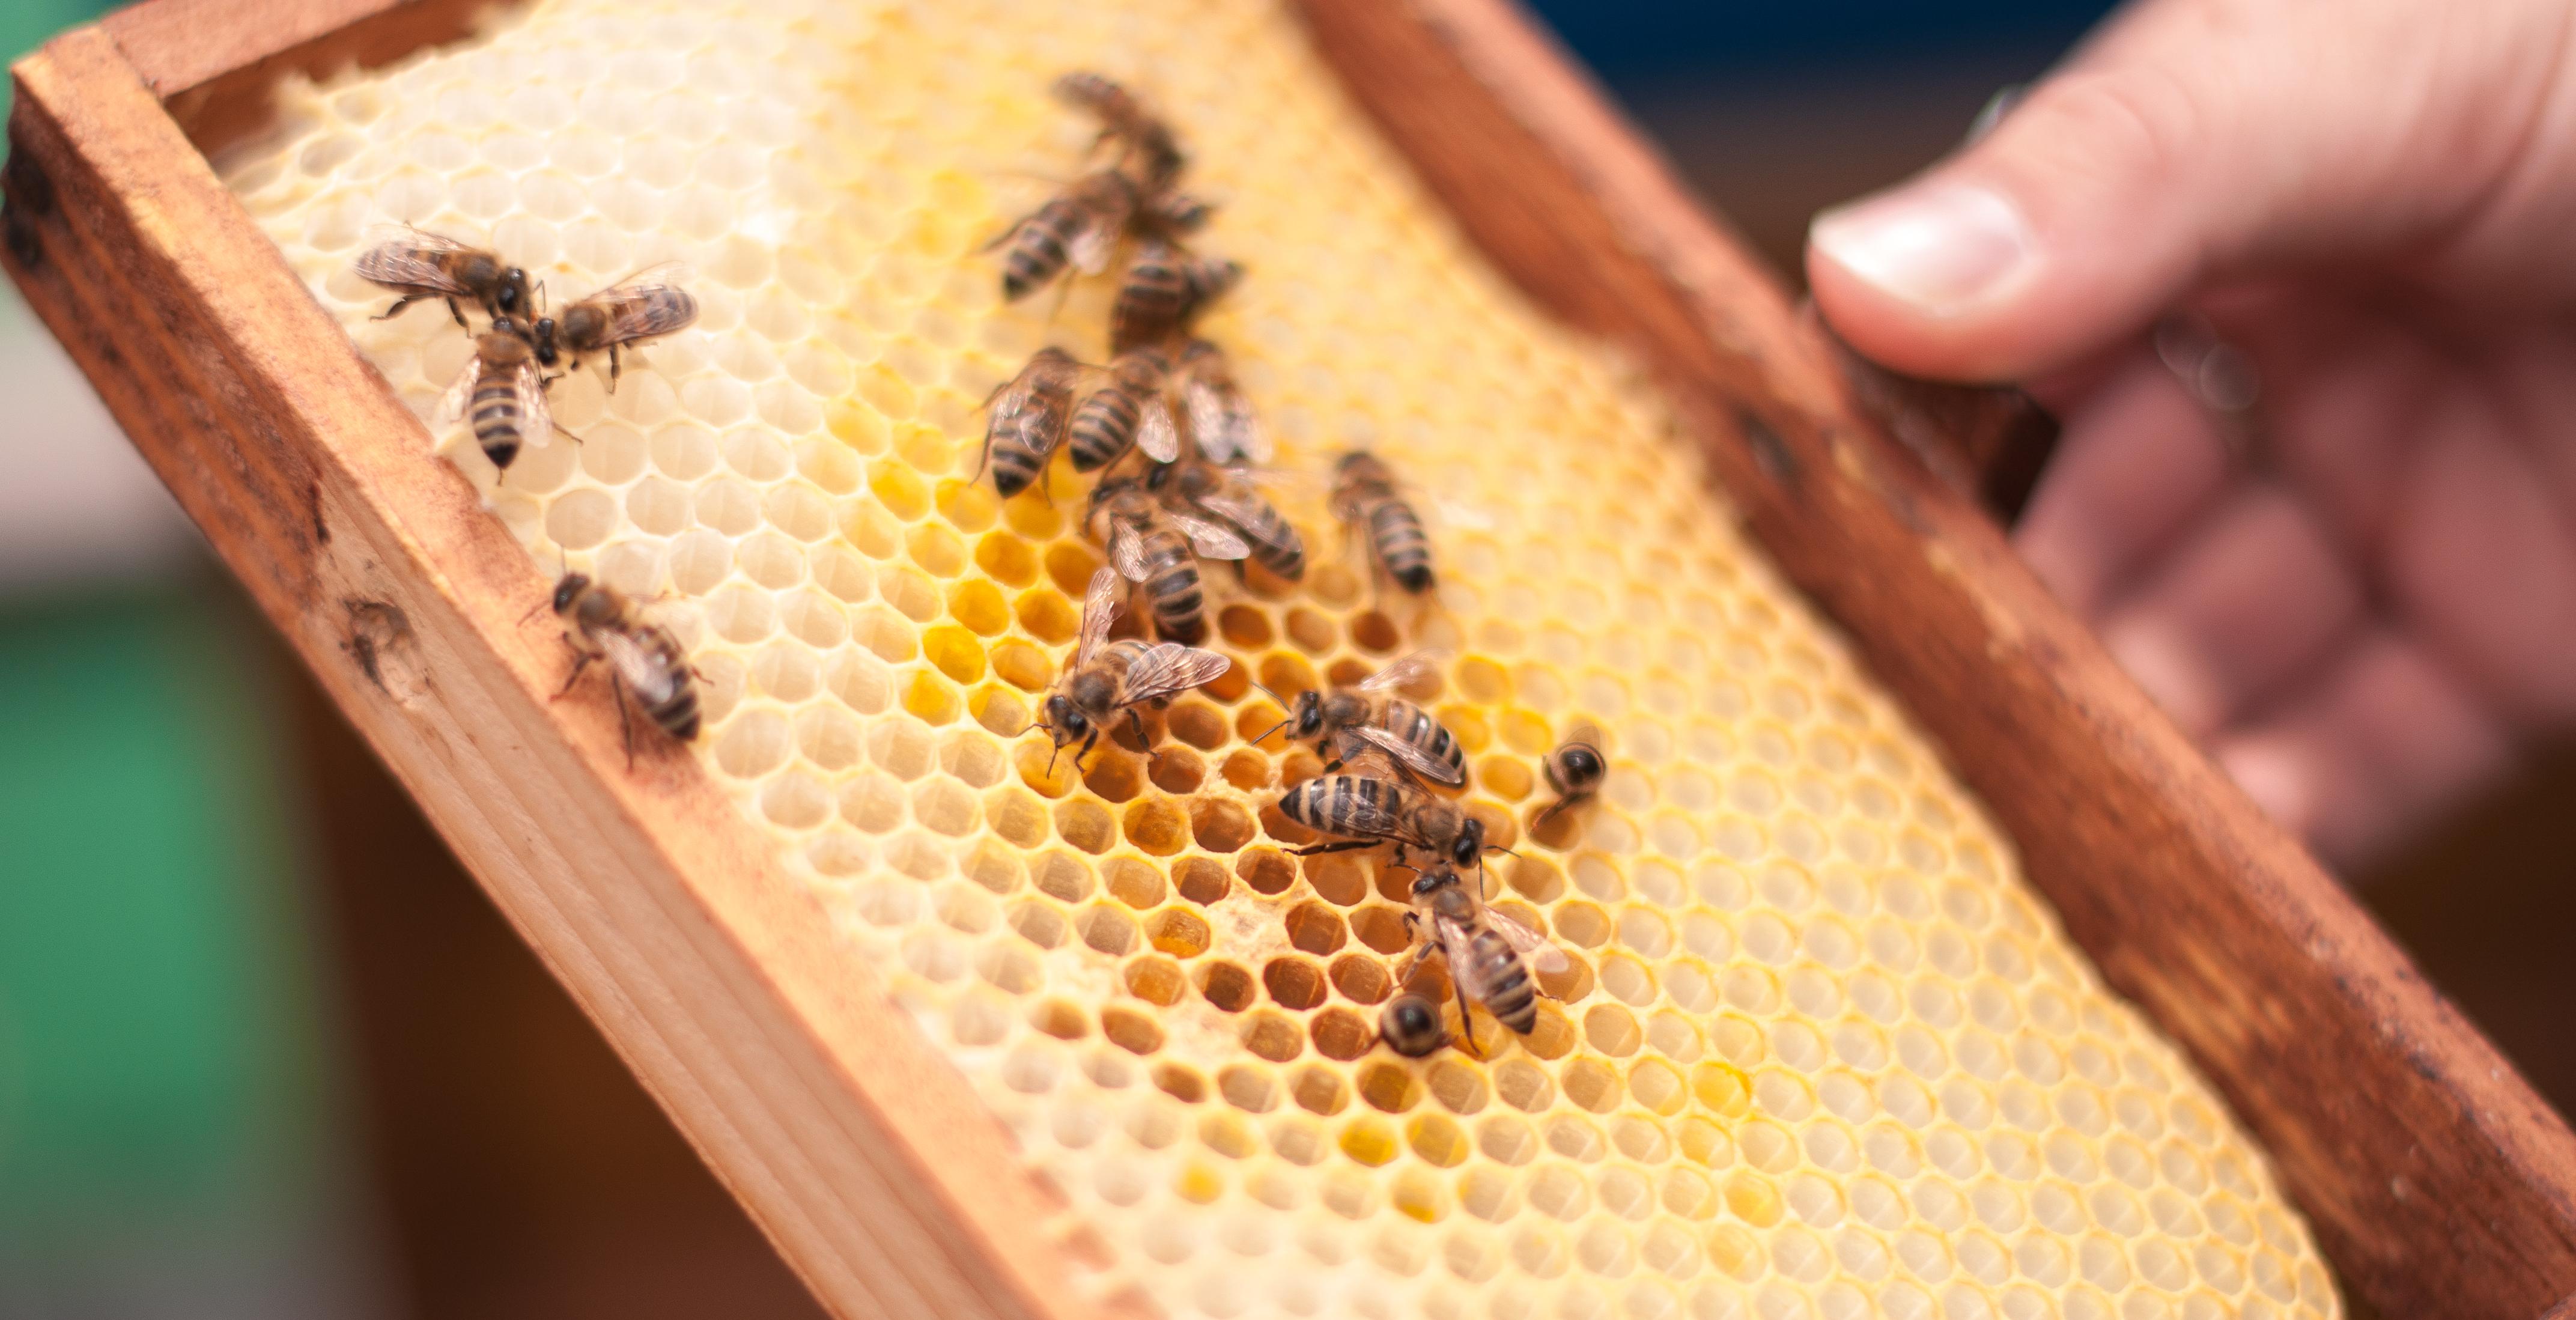 Wenige Bienen sitzen auf Waben